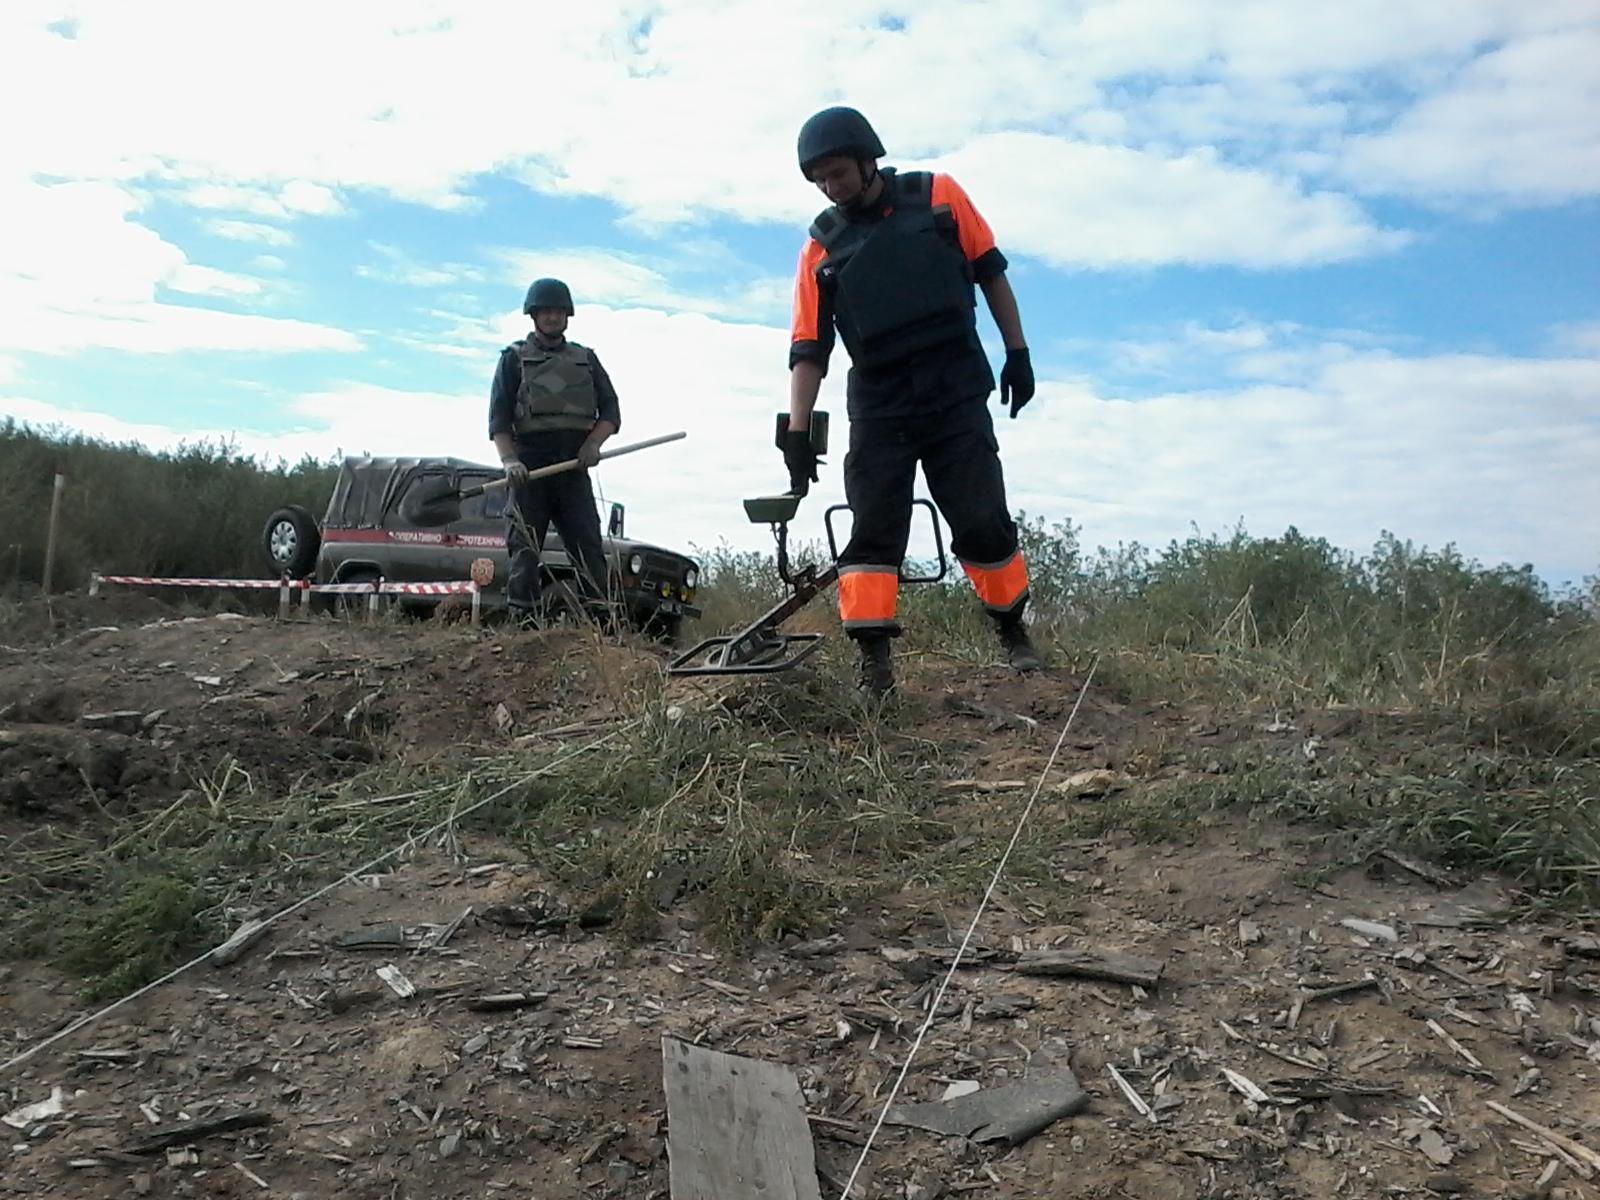 На Луганщине пиротехники за сутки обезвредили 97 взрывоопасных предметов (фото)